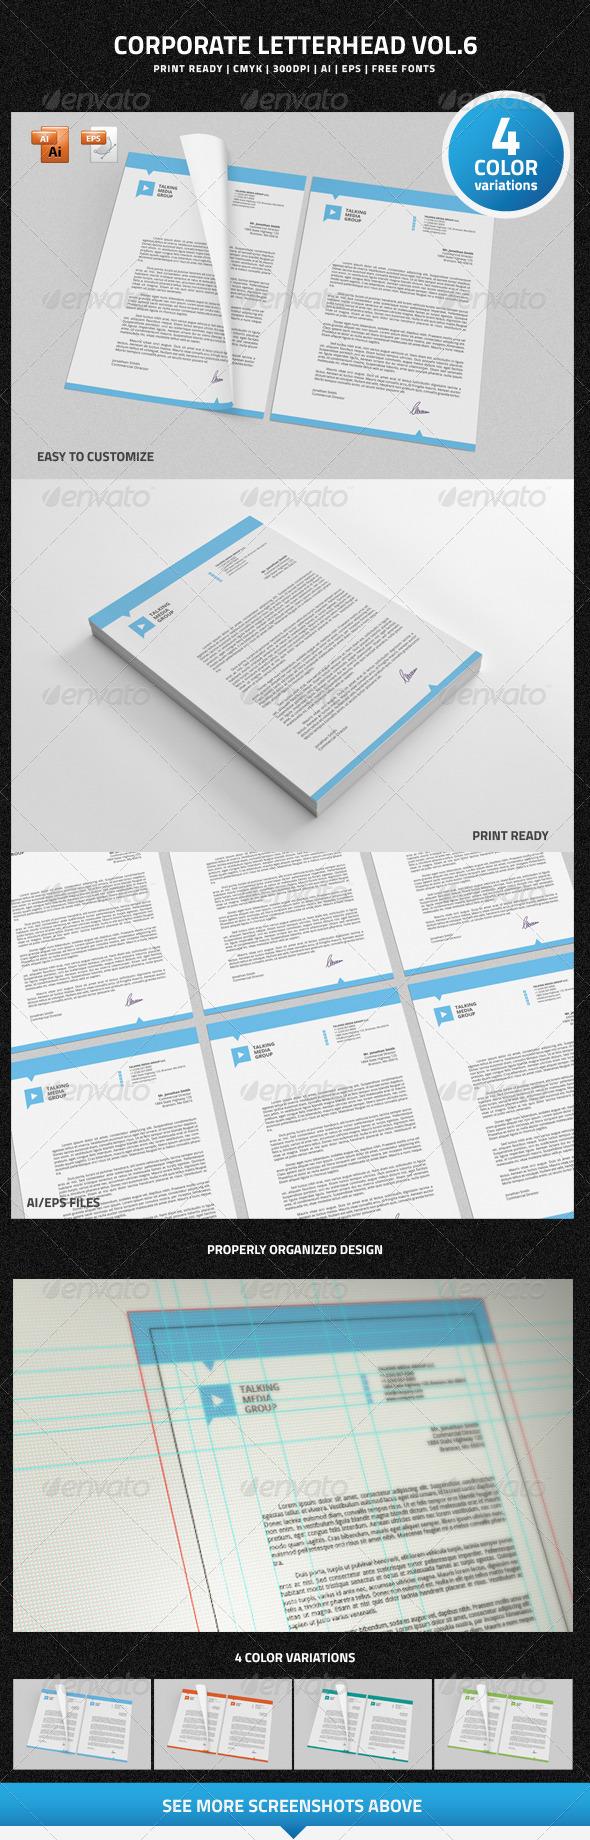 GraphicRiver Corporate Letterhead vol.6 6774254